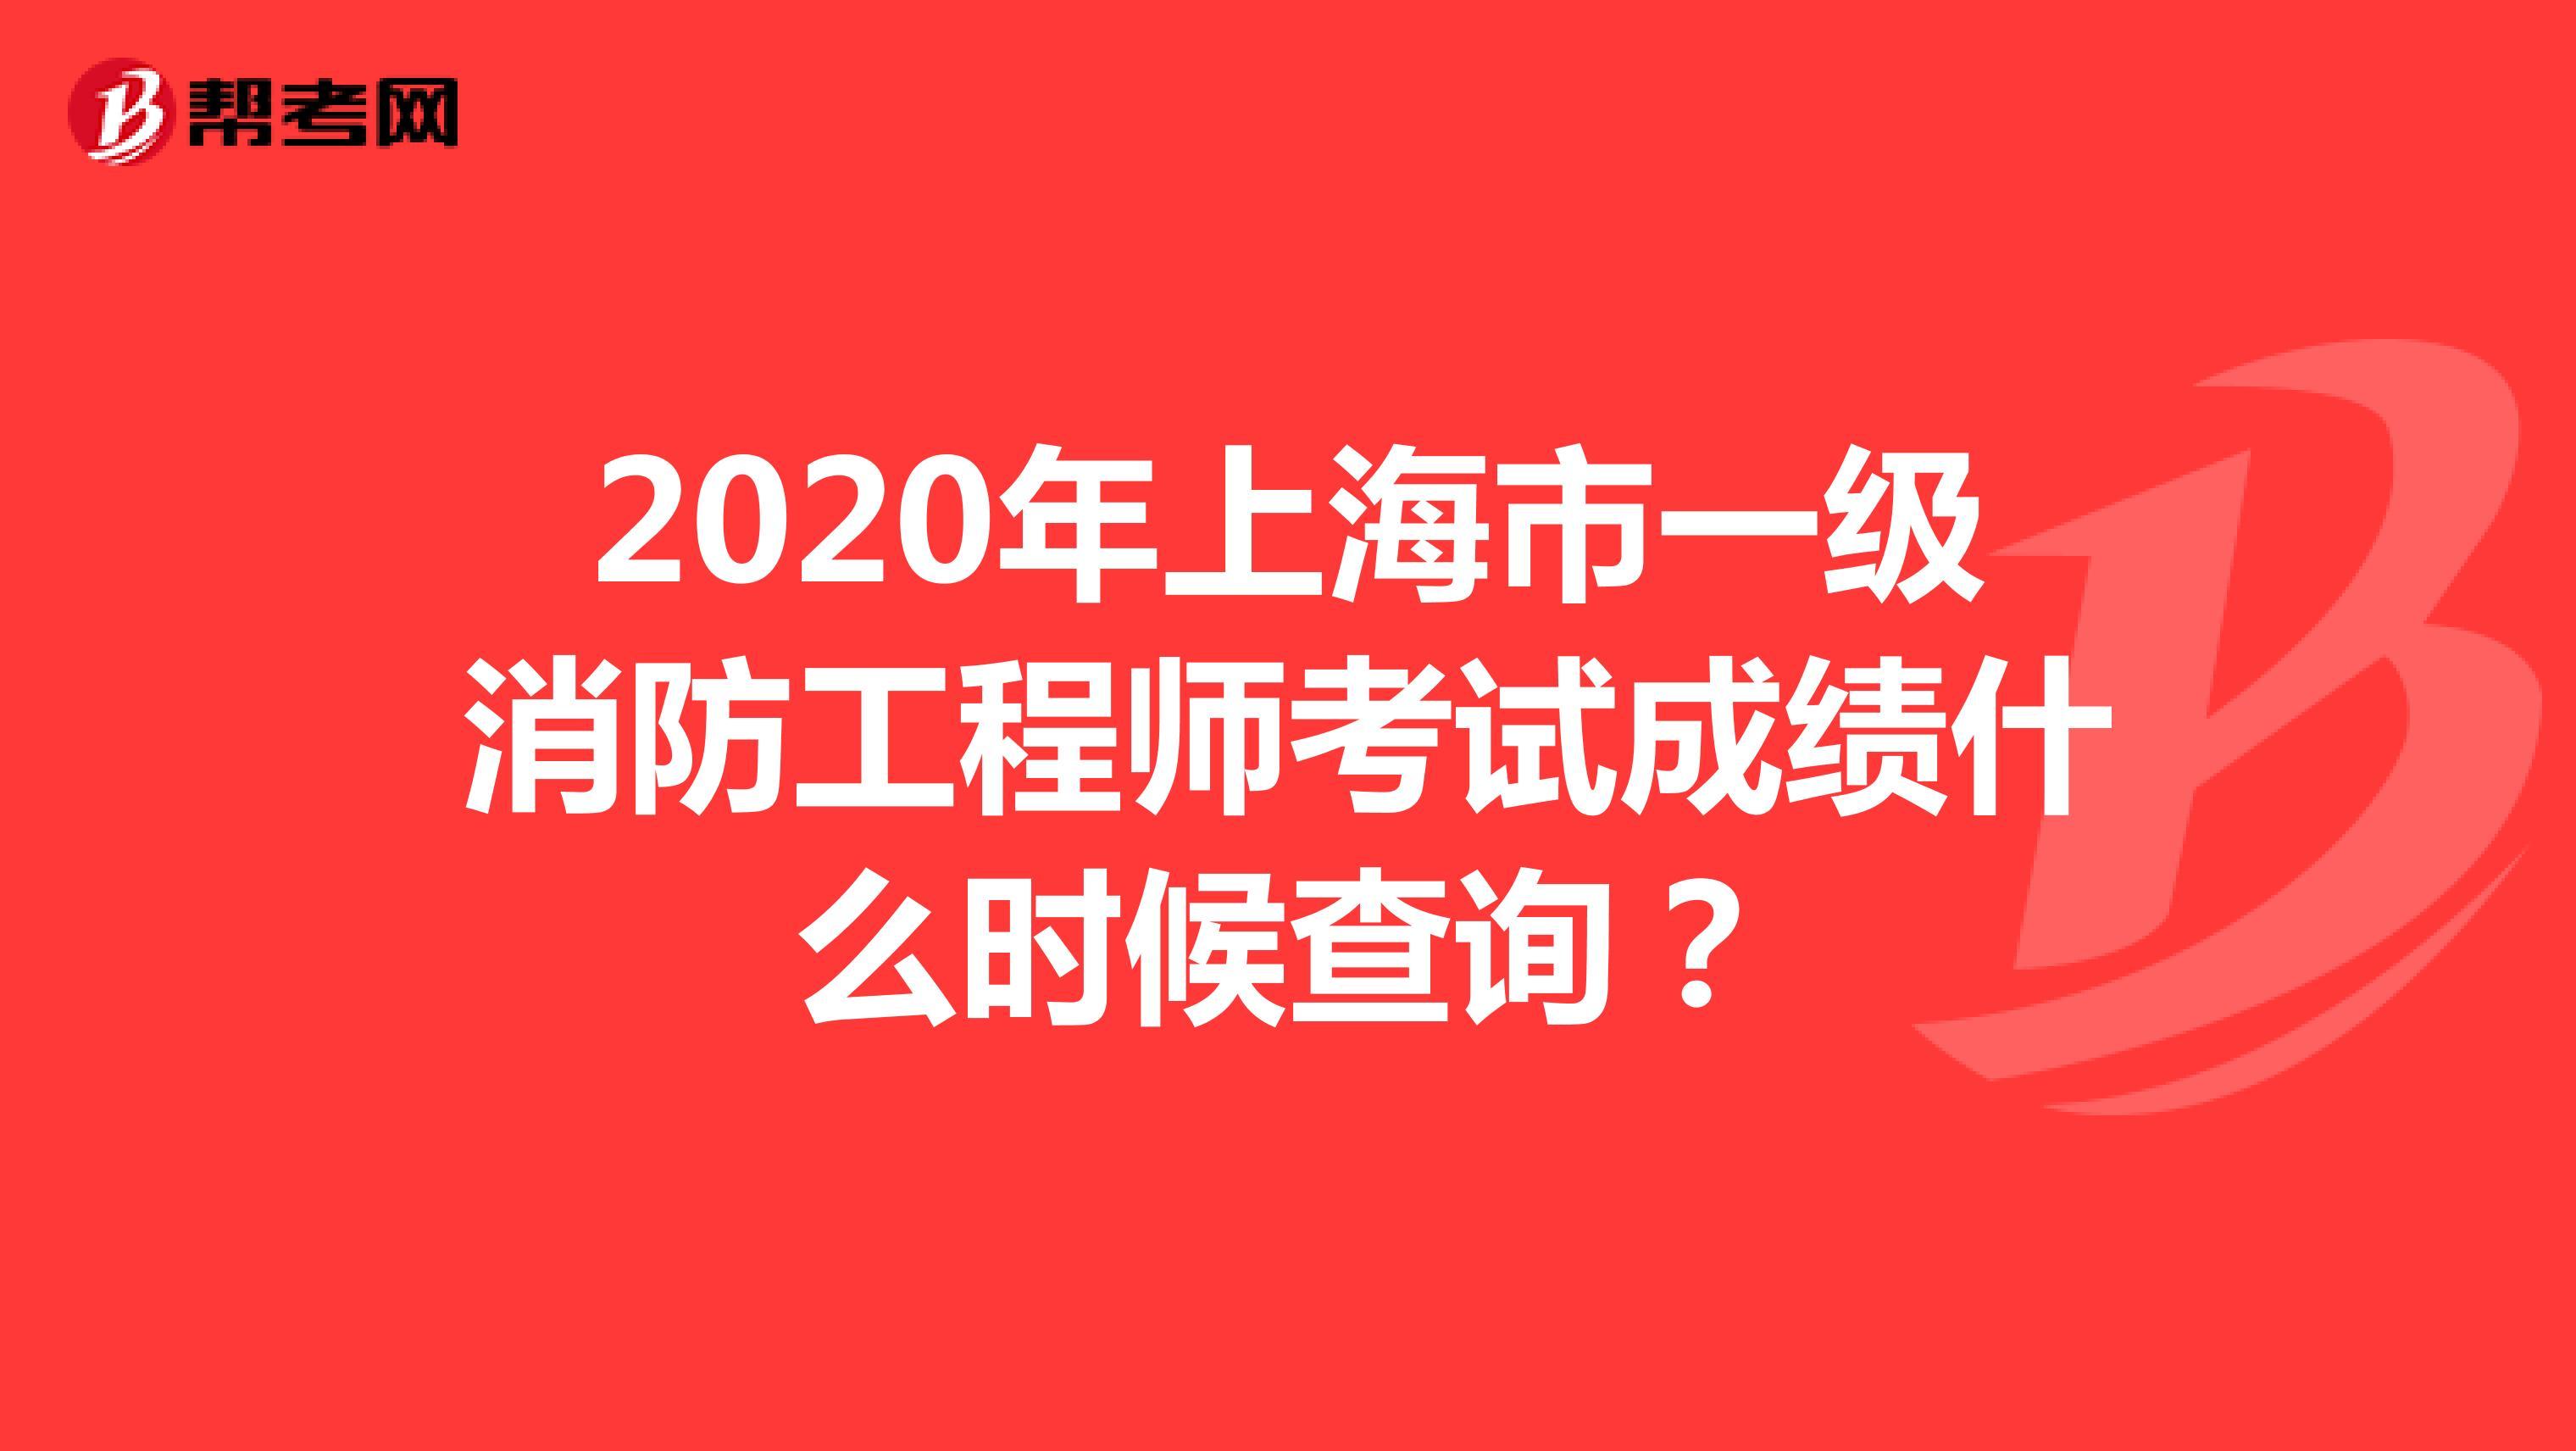 2020年上海市一級消防工程師考試成績什么時候查詢?